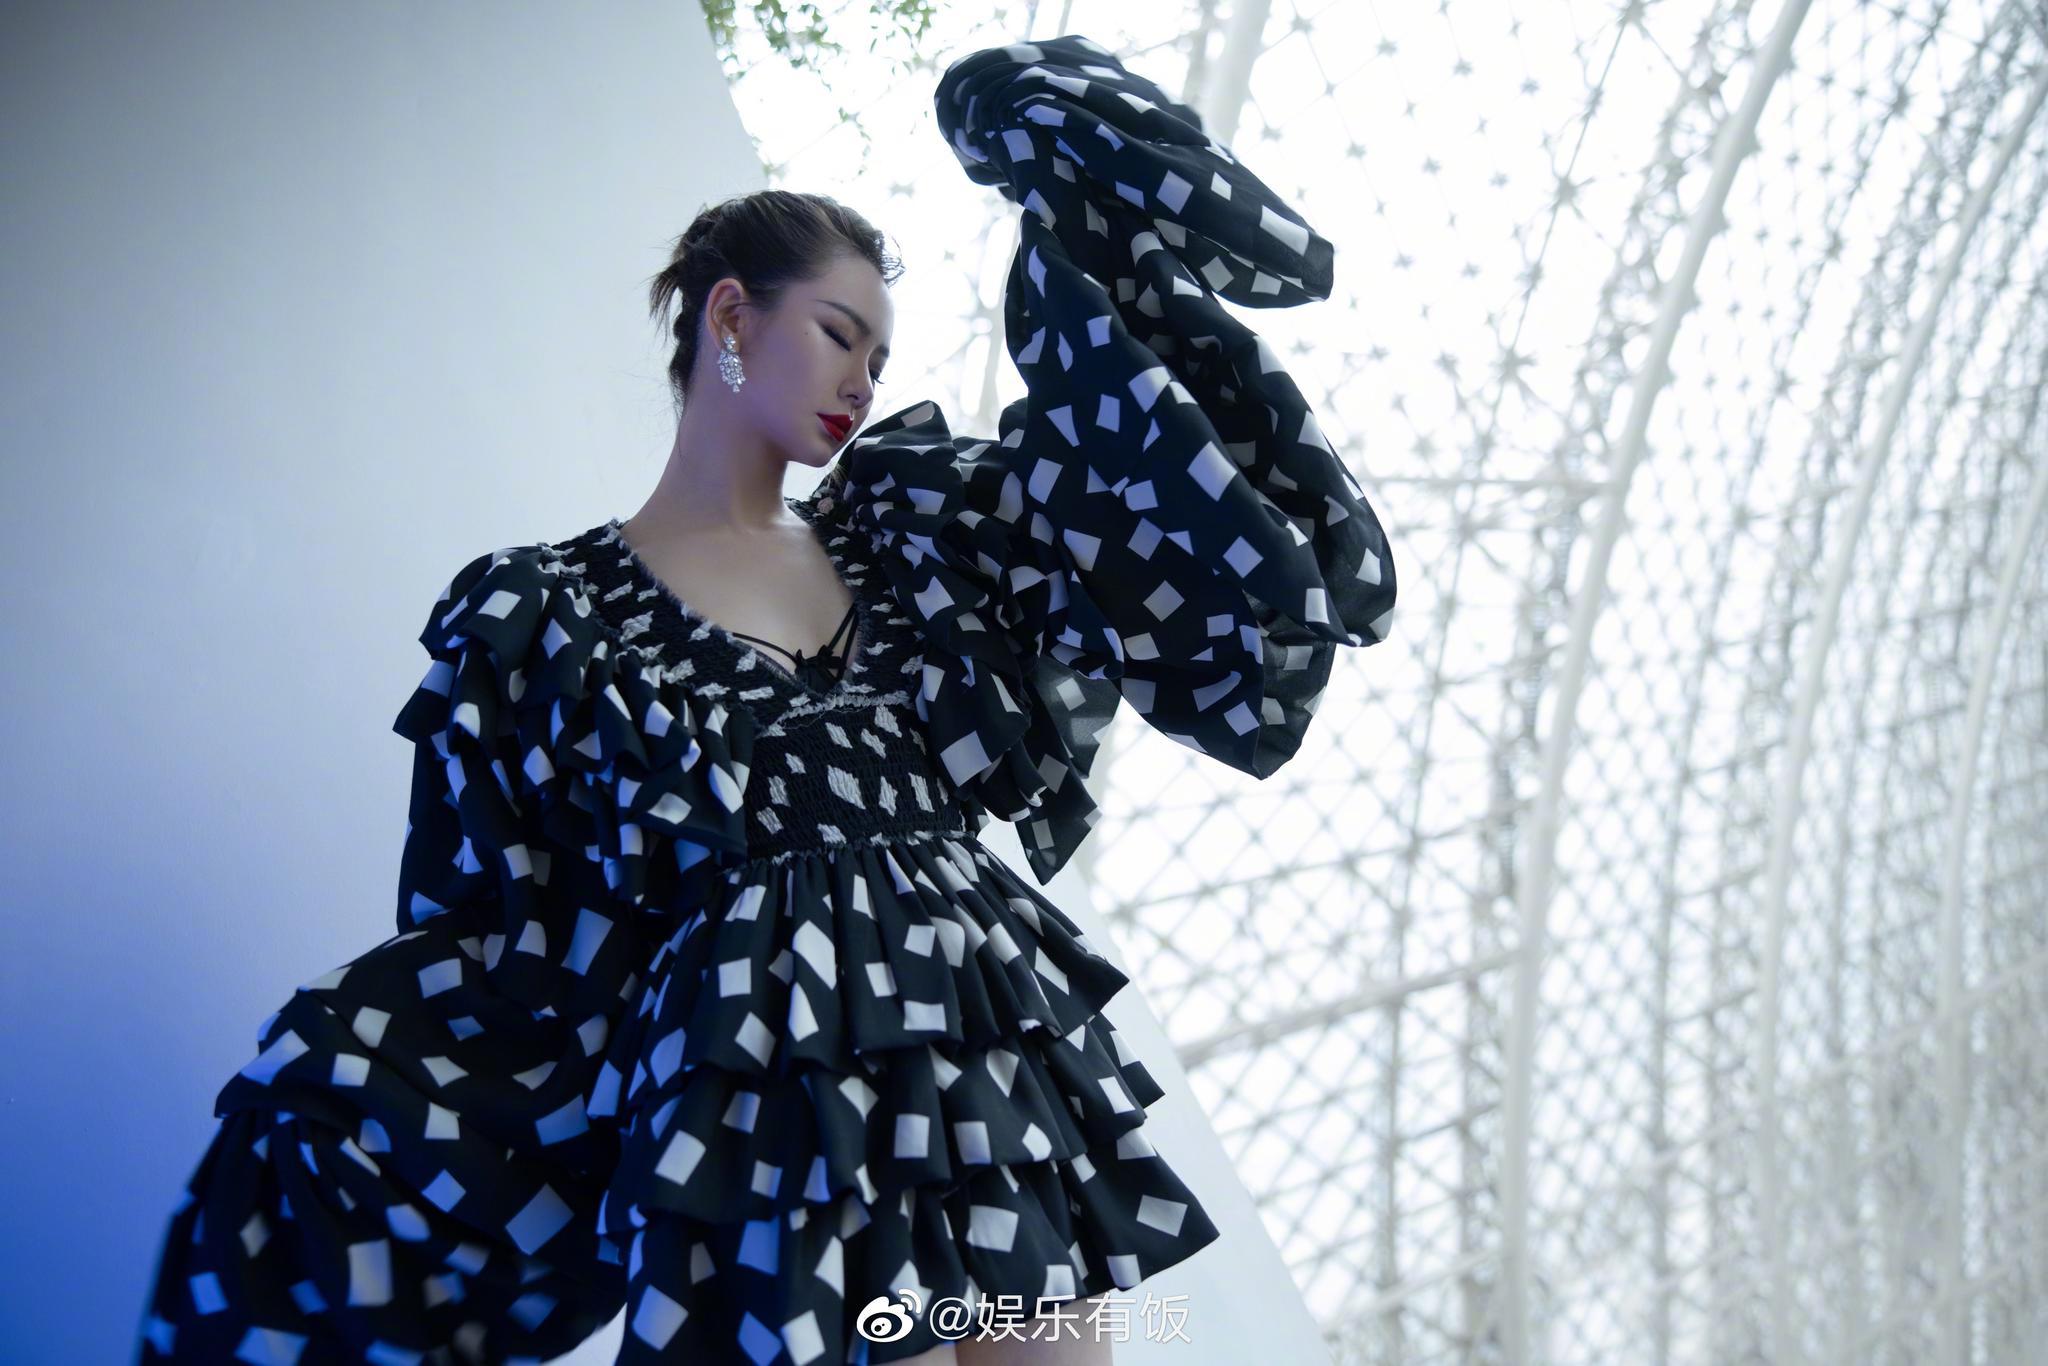 @戚薇 绿洲分享最新活动造型解析,身穿黑白碎片蛋糕裙